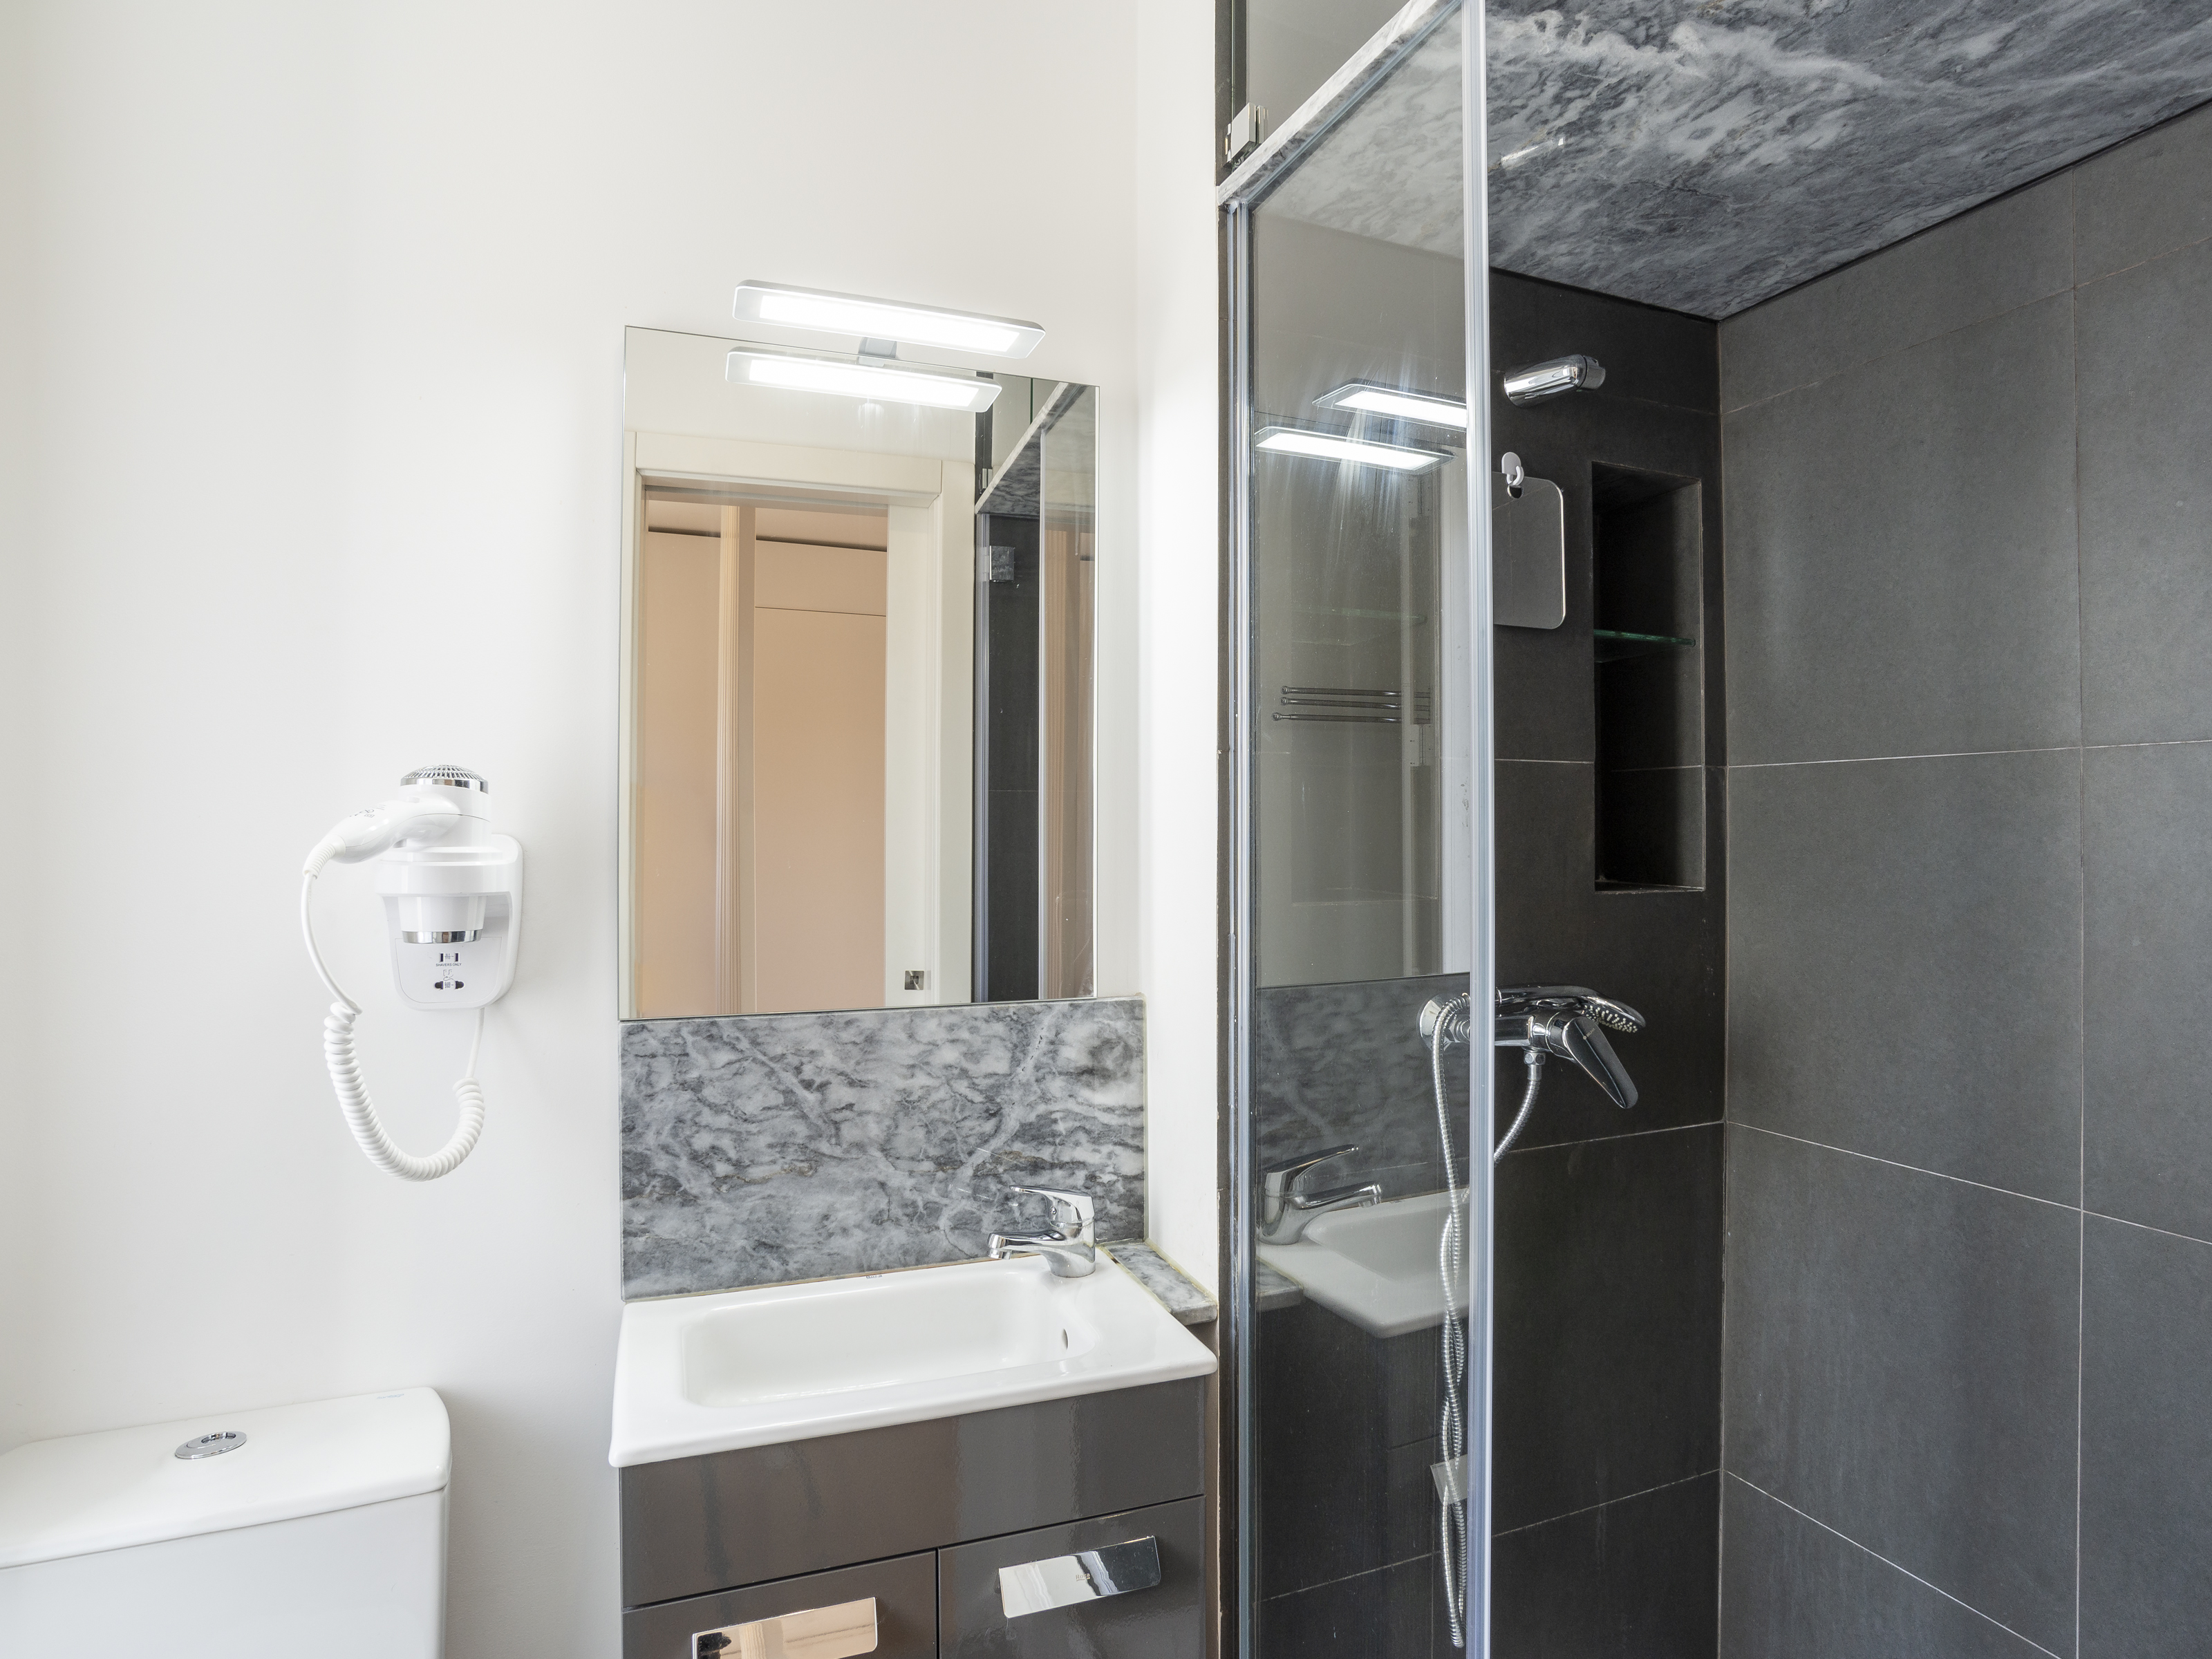 למכירה – דירת סטודיו חדשה ומרוהטת, ליסבון